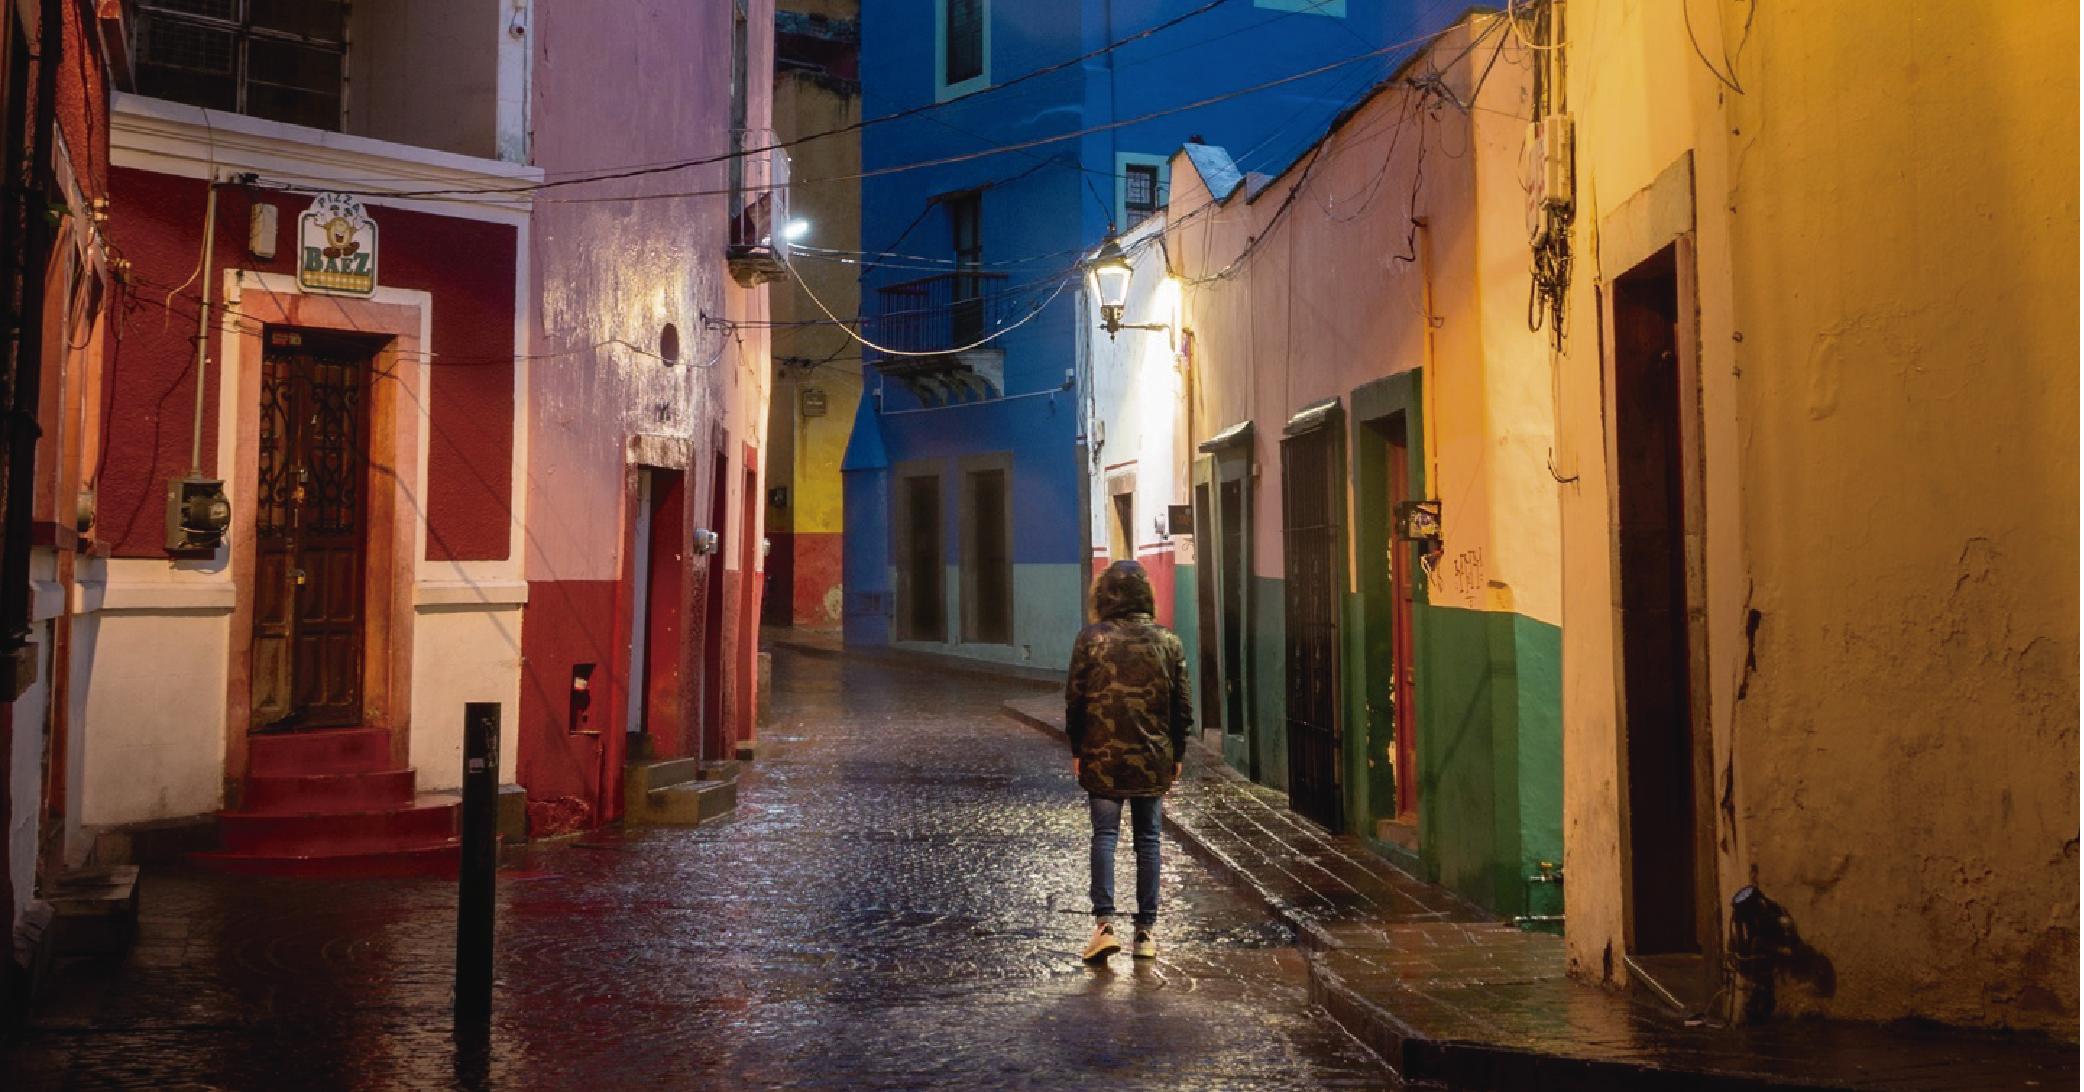 Temporada de lluvias en Guanajuato capital y su asombroso espectáculo urbano 😍 ☔️